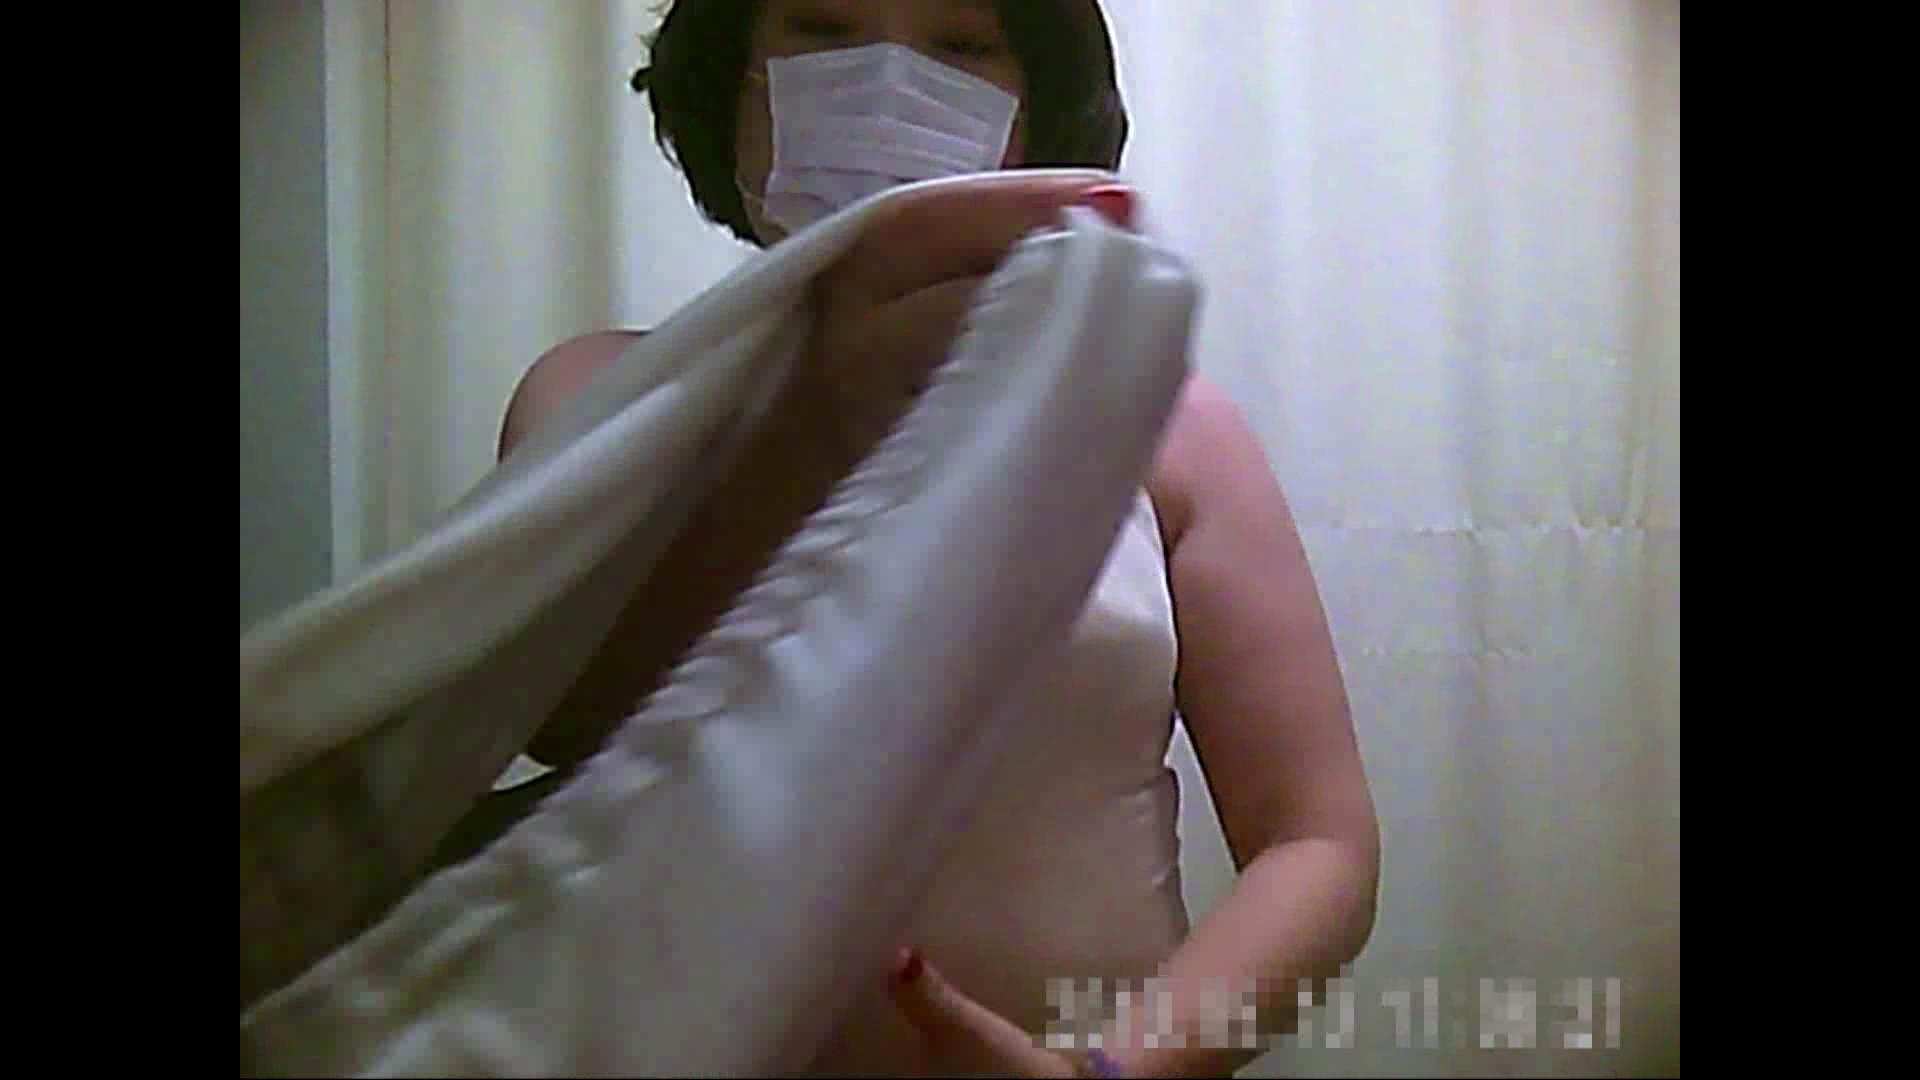 元医者による反抗 更衣室地獄絵巻 vol.084 盛合せ  71PIX 38